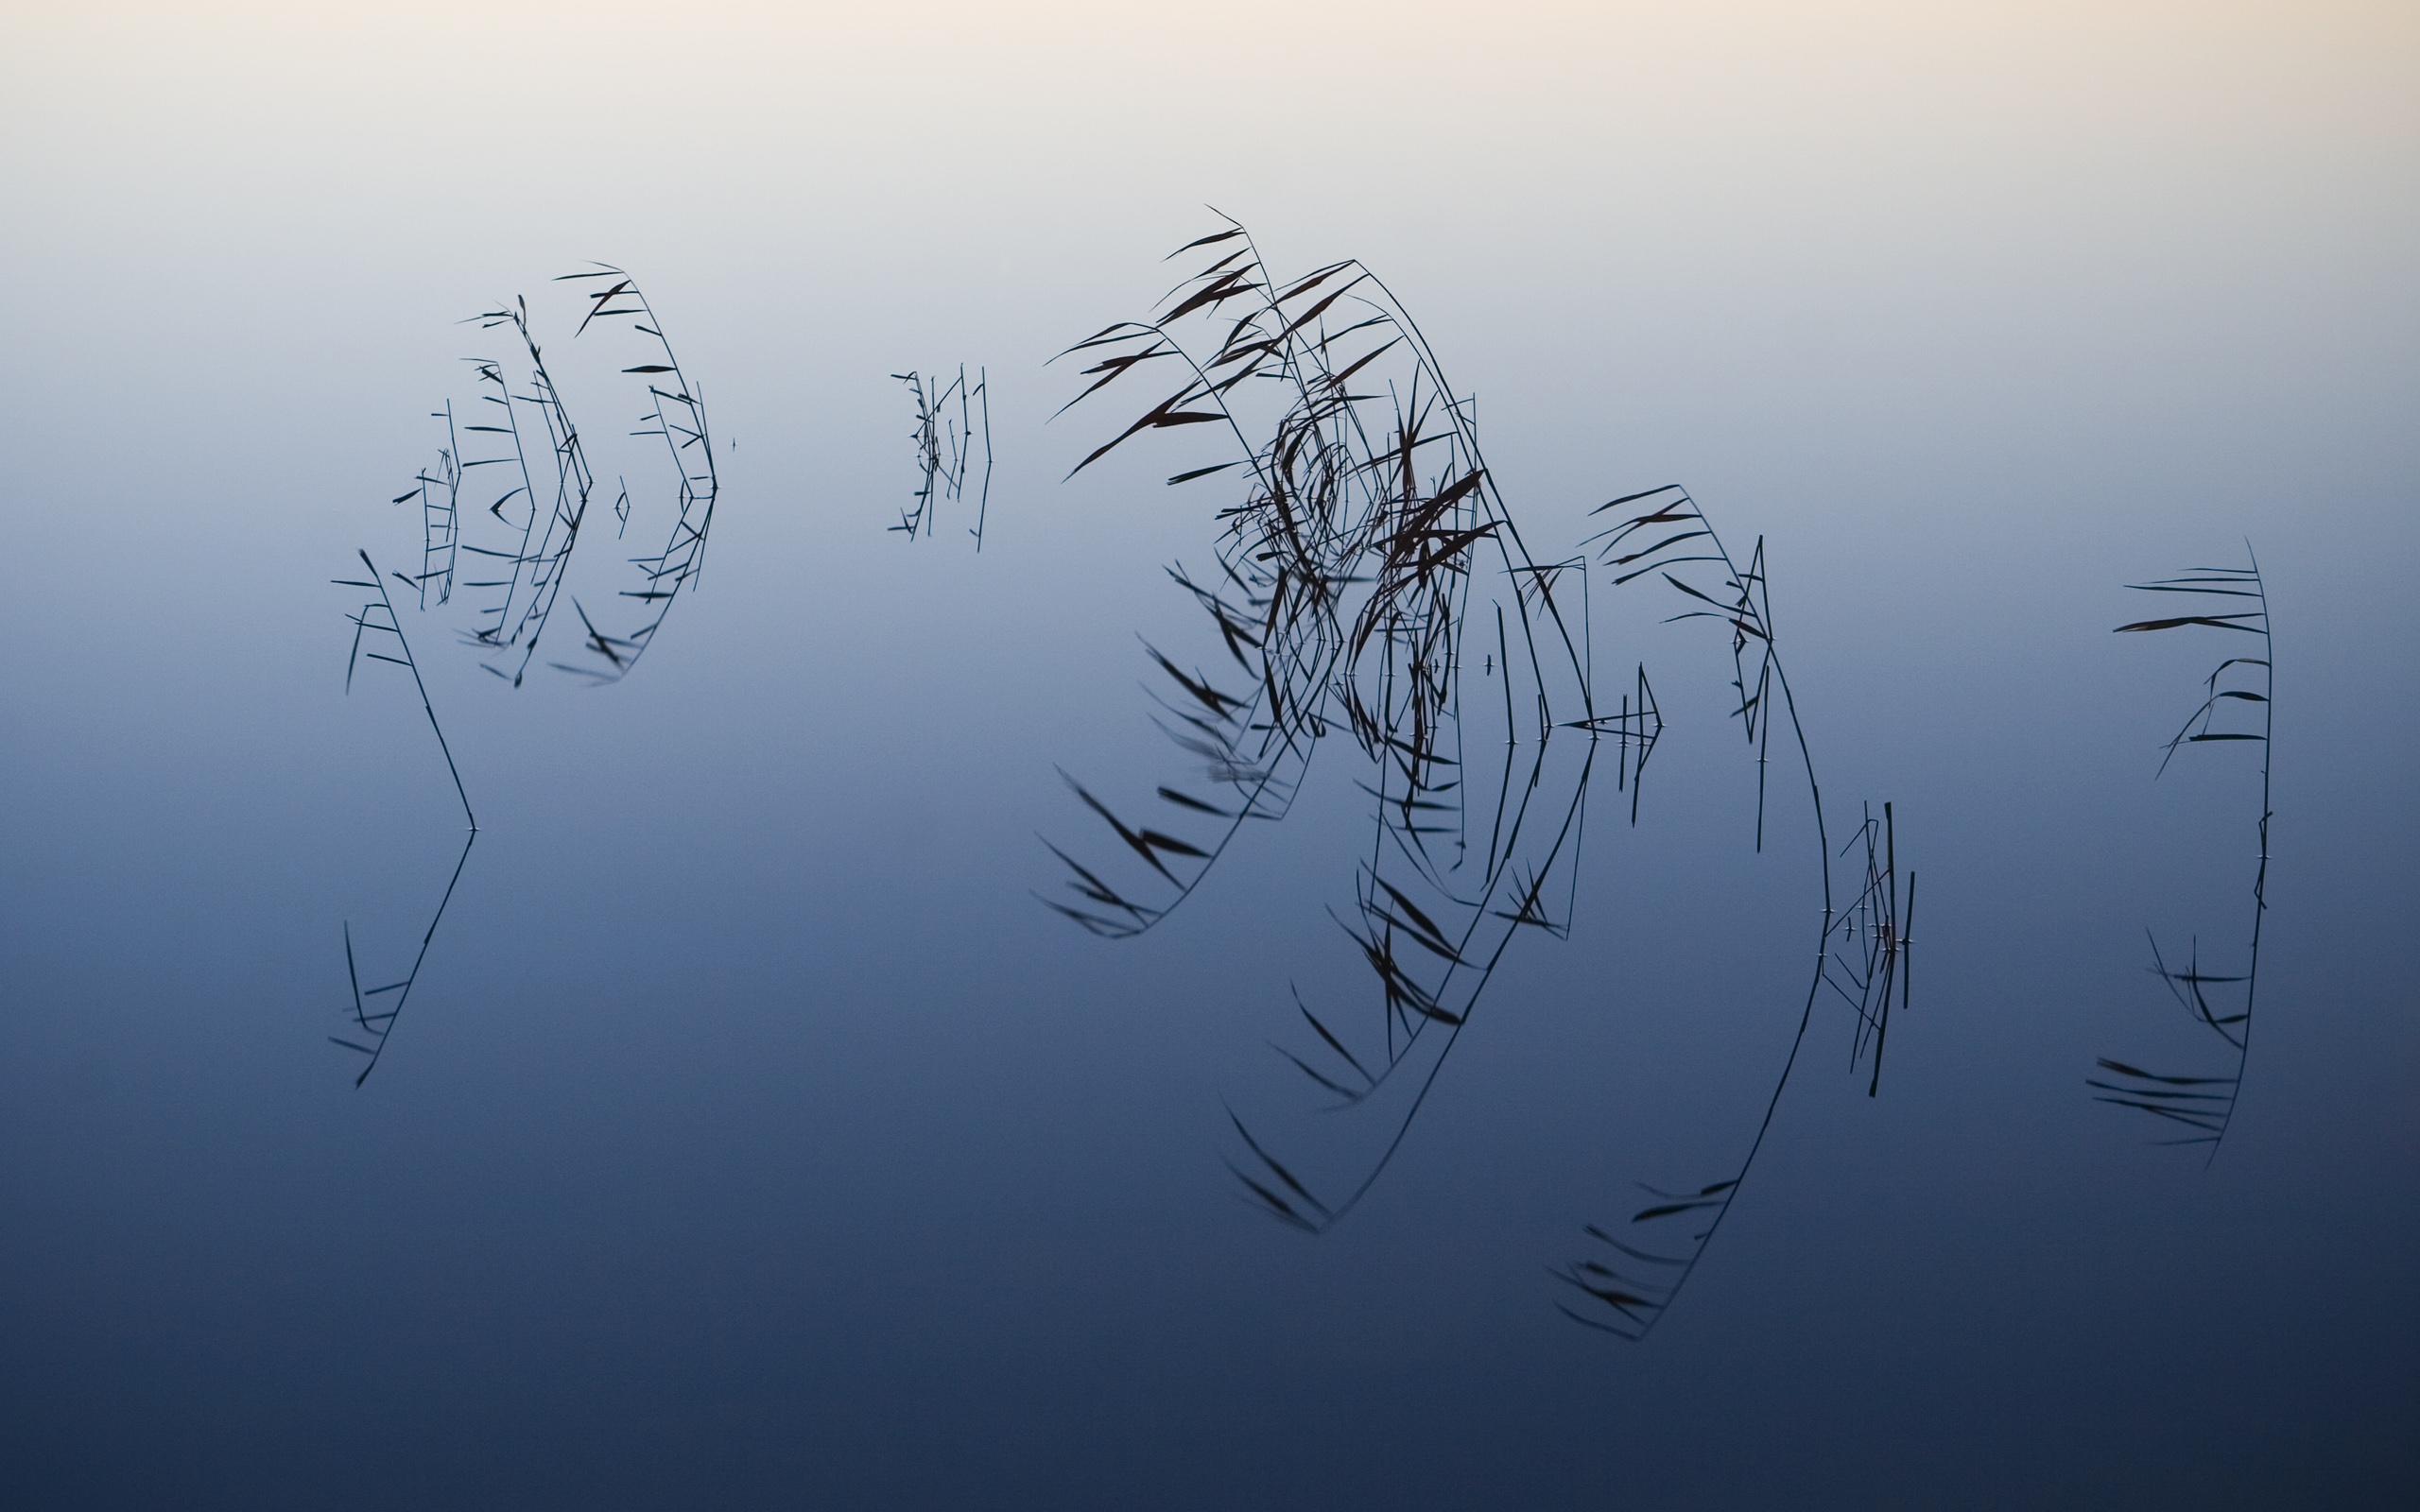 壁纸2560×1600苹果2009最新系统 Snow Leopard 雪豹 全套官方宽屏壁纸 2560 1600 壁纸16壁纸 苹果2009最新系统壁纸图片系统壁纸系统图片素材桌面壁纸